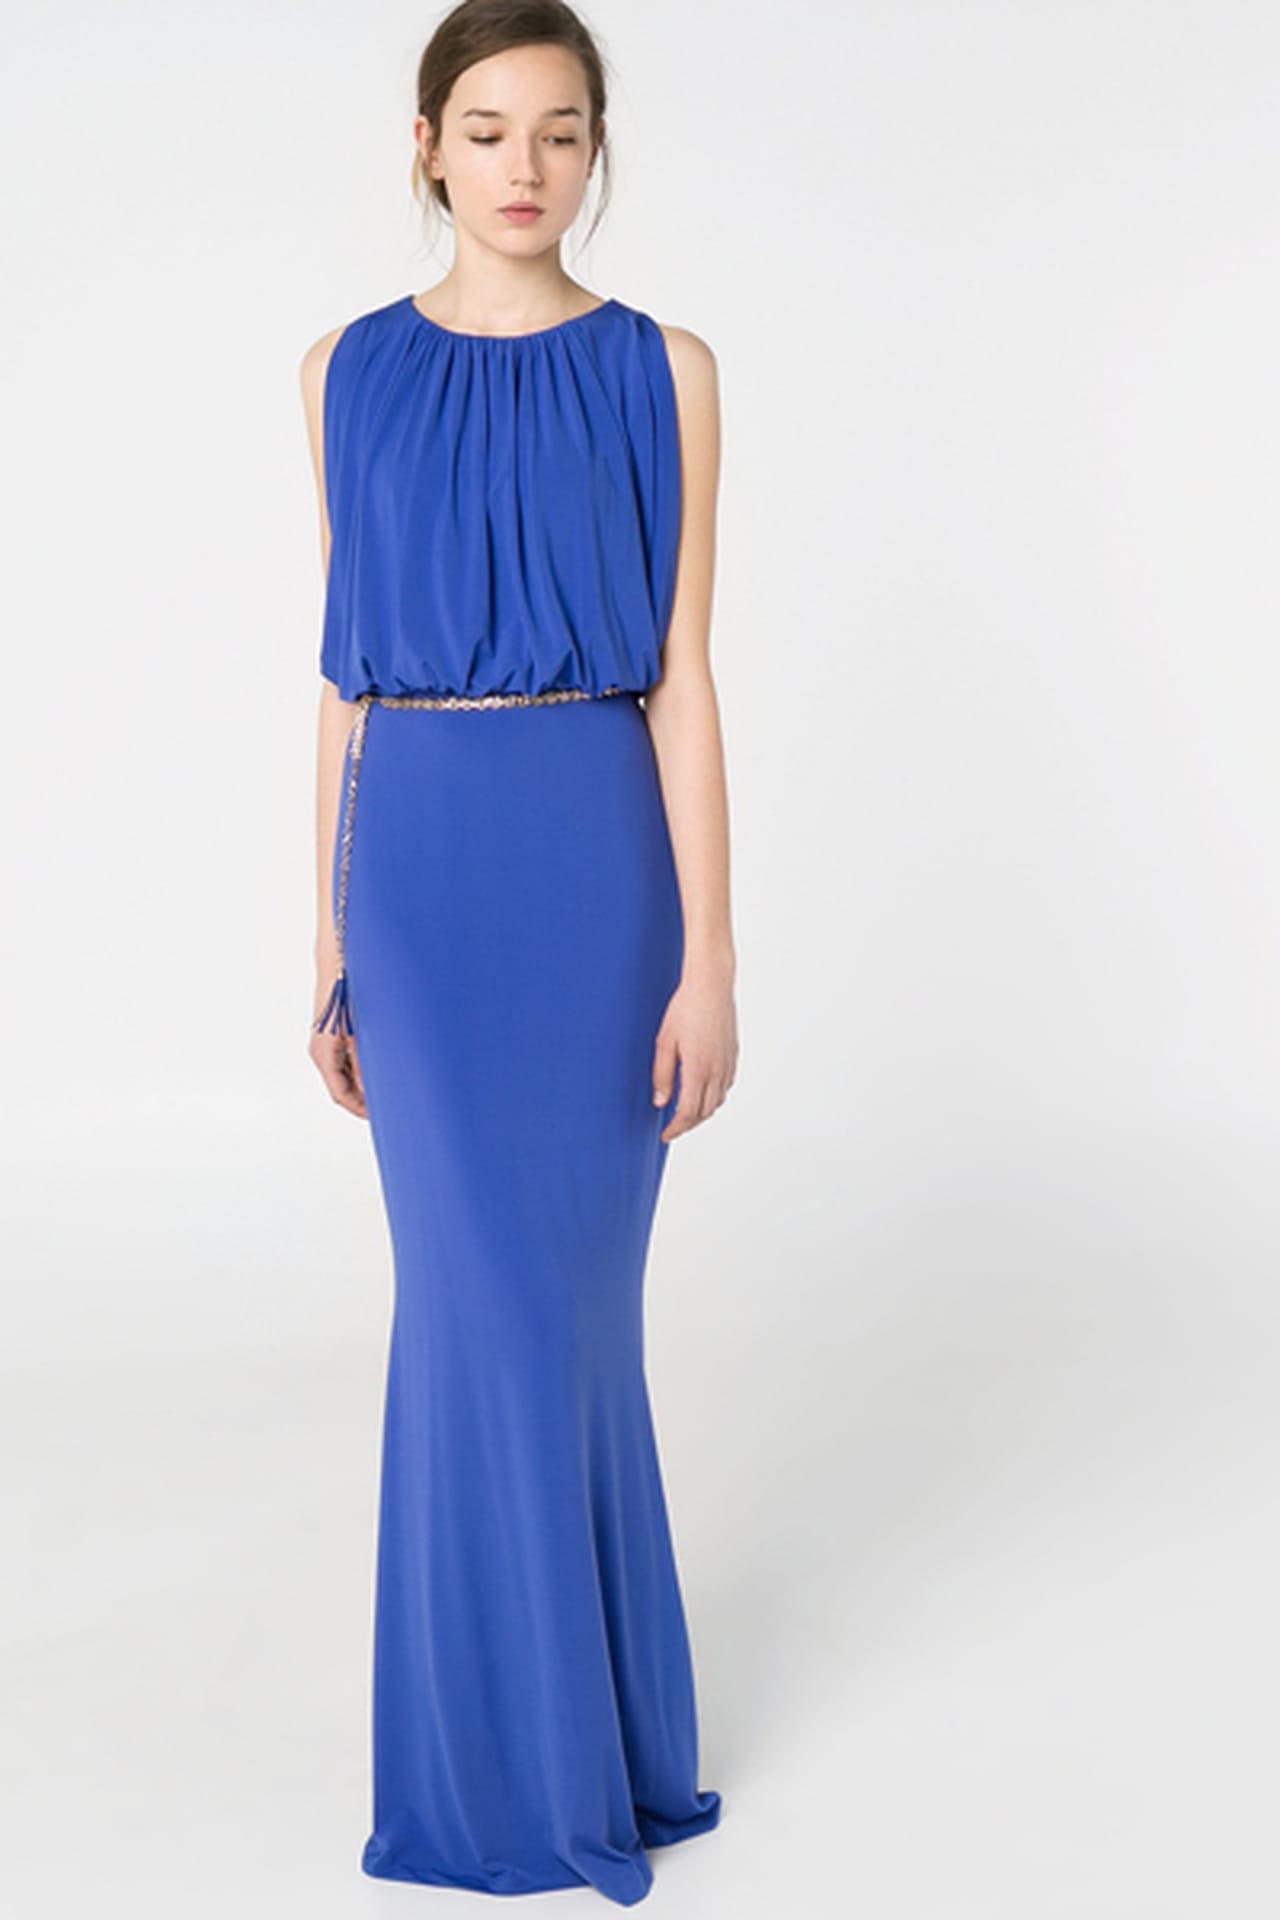 c4cf527a0 تشكيلة رائعة من الفساتين الطويلة من مانجو لربيع وصيف 2014